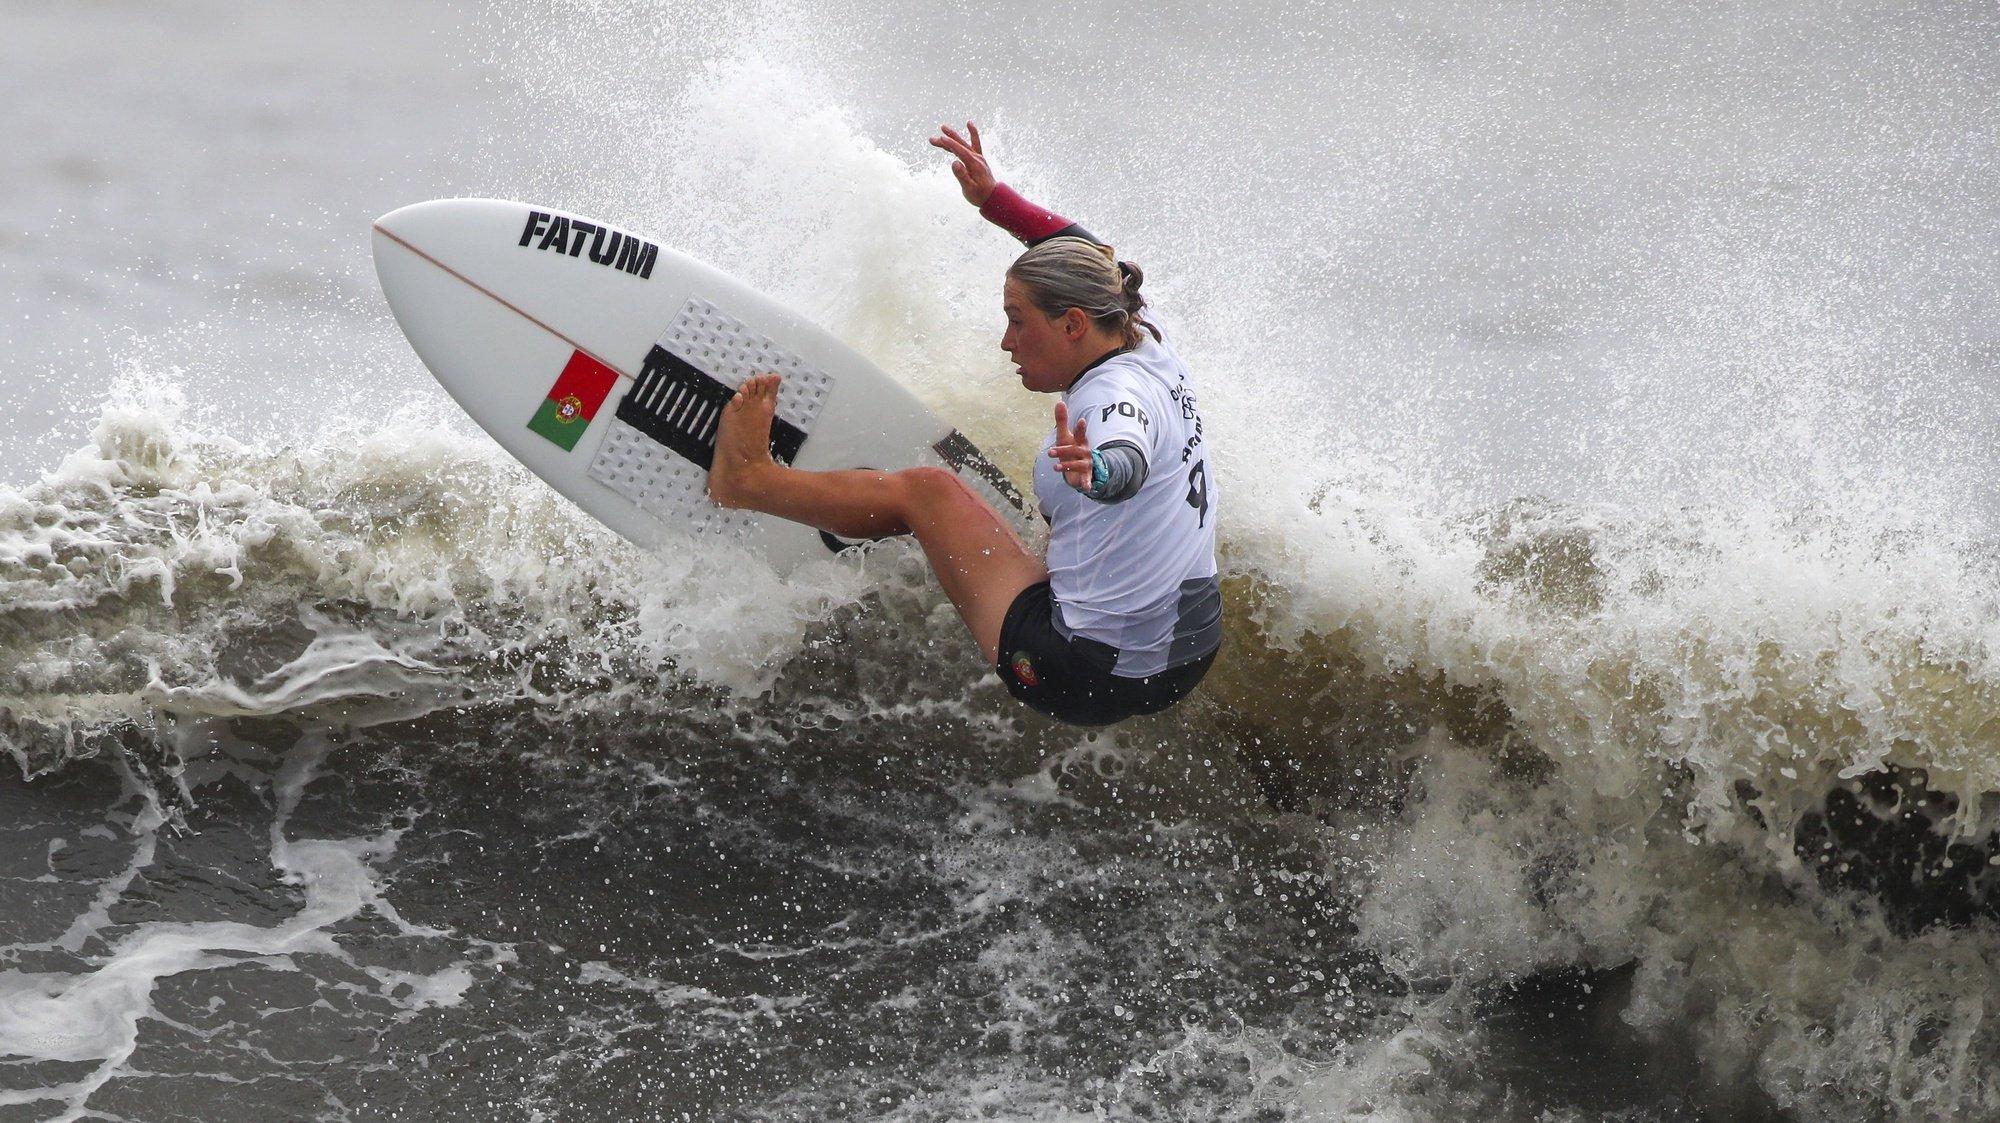 A portuguesa Yolanda Sequeira em ação nos quartos de final do surf olímpico de Tóquio2020, na praia de Tsurigasaki, em Chiba, a cerca de 100 quilómetros de Tóquio, Japão, 27 de julho de 2021. A portuguesa Yolanda Sequeira foi hoje eliminada da primeira prova olímpica de surf pela sul-africana Bianca Buitendag. JOSÉ COELHO/LUSA